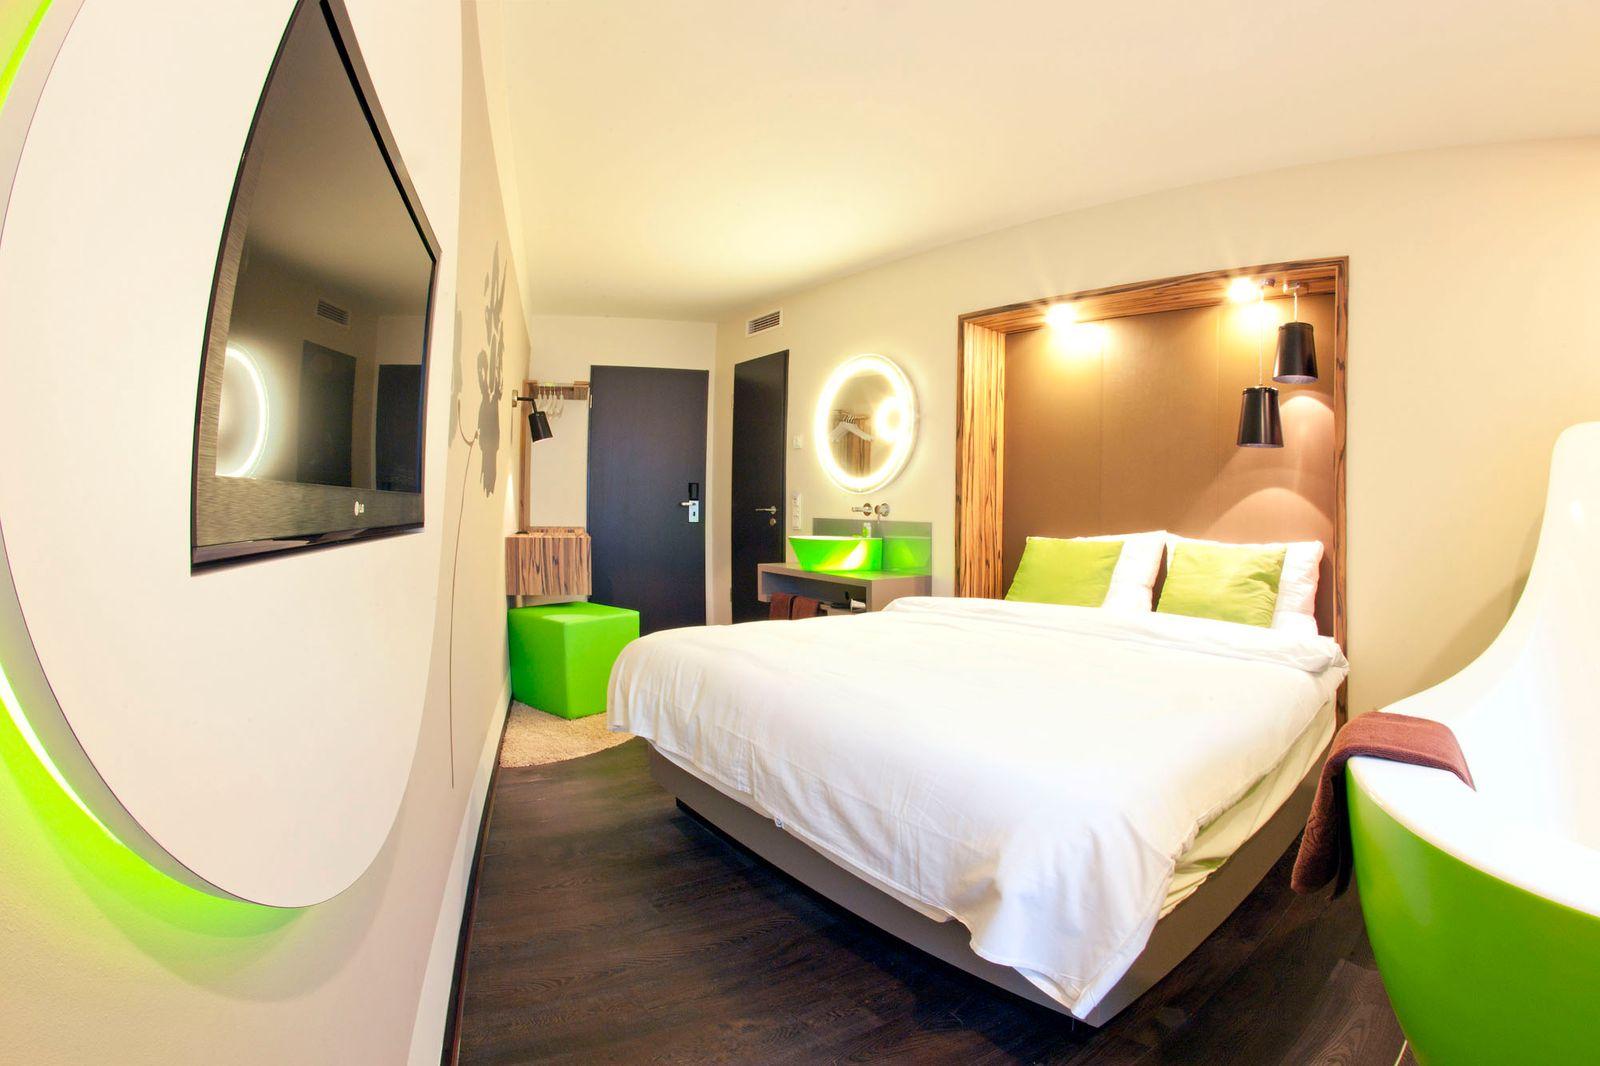 Hotel Travel24.com